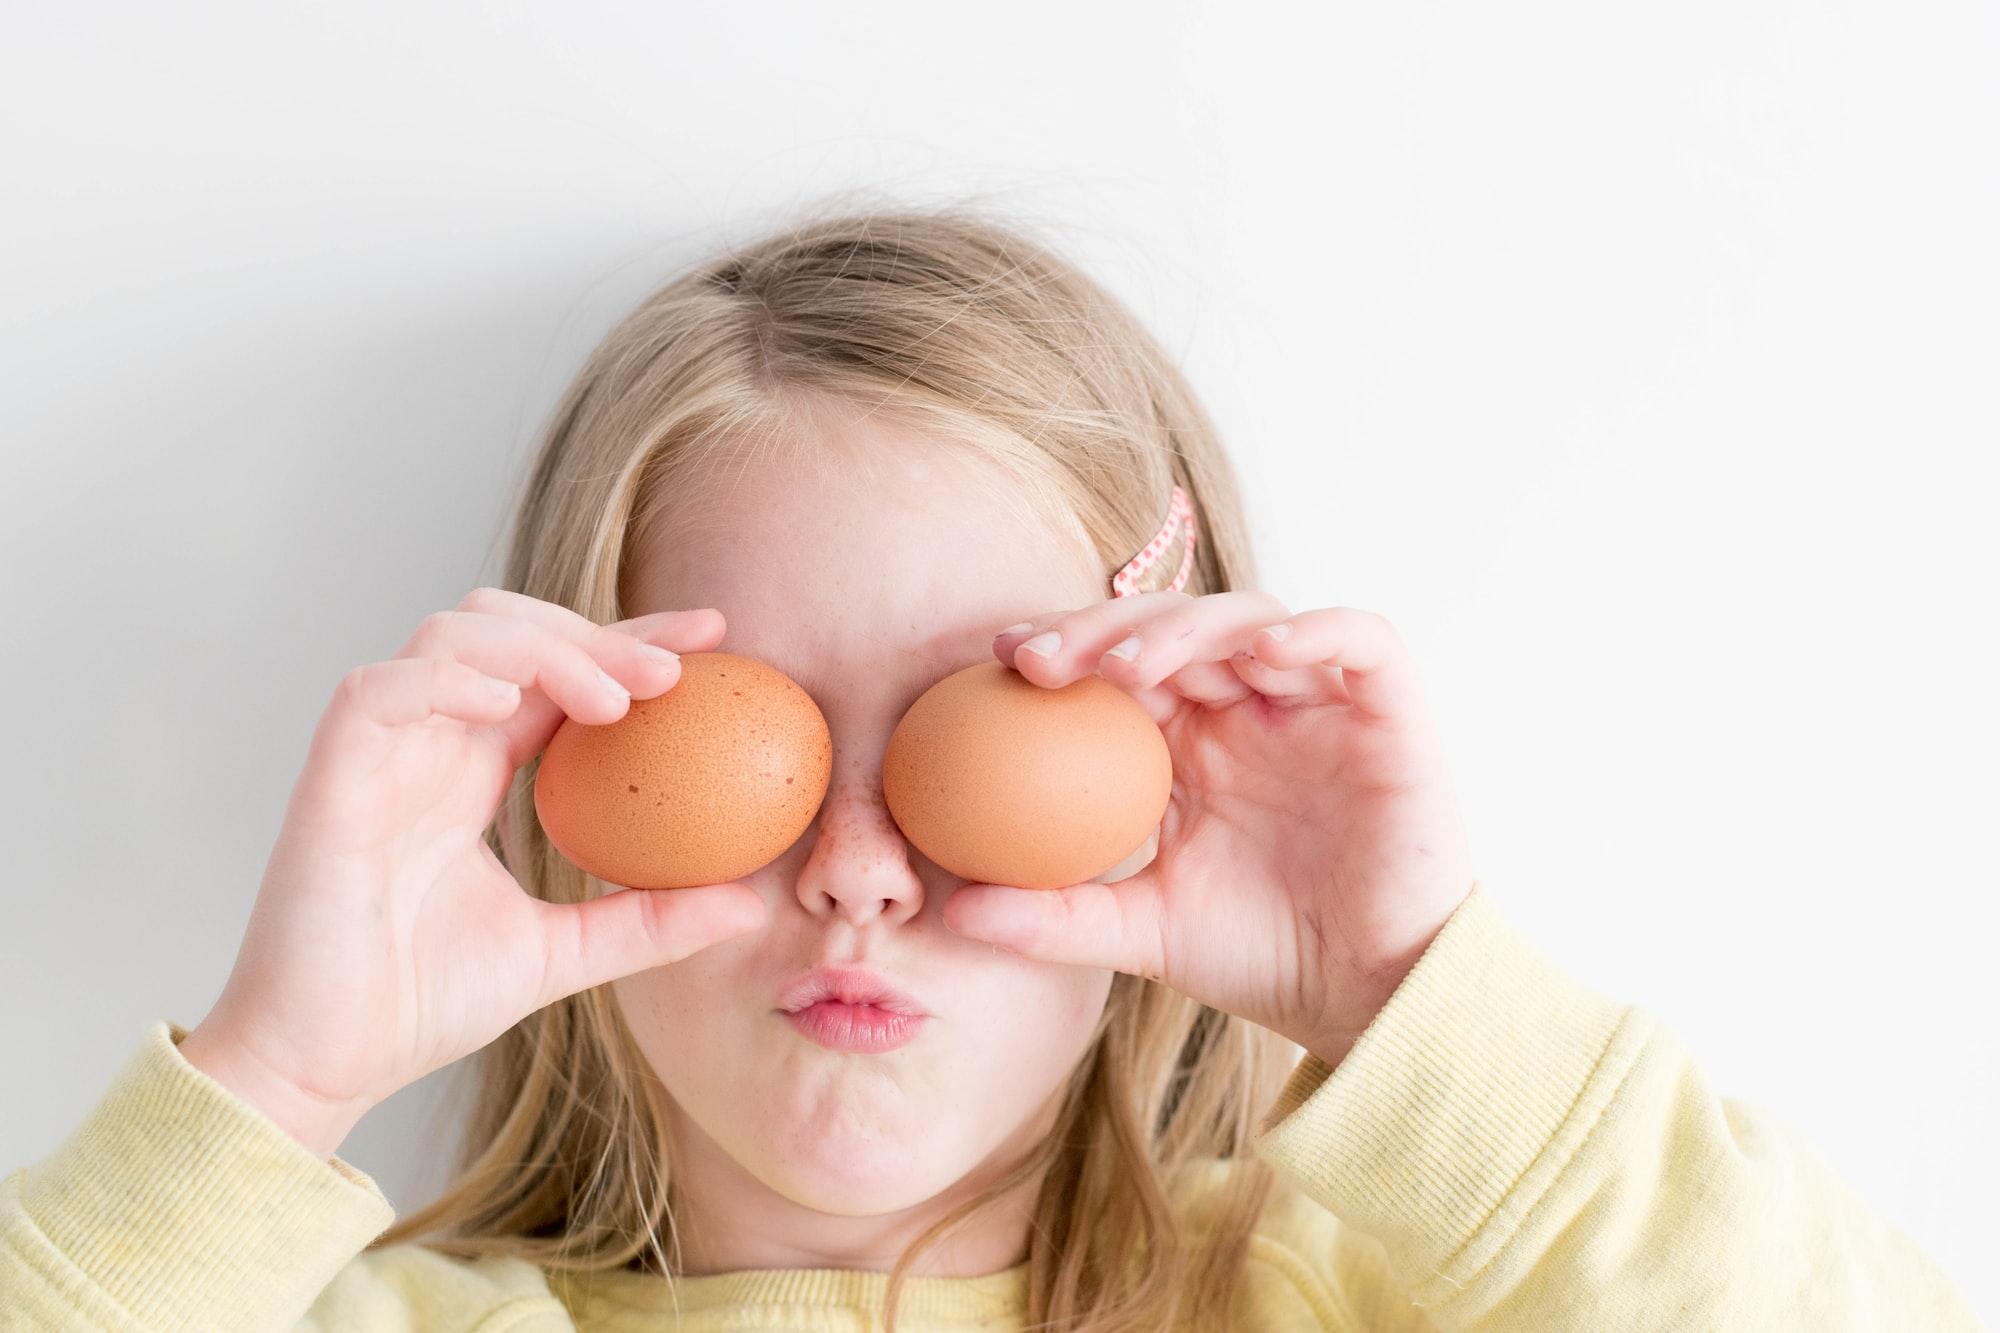 Quer saber como incentivar uma alimentação saudável de forma divertida?